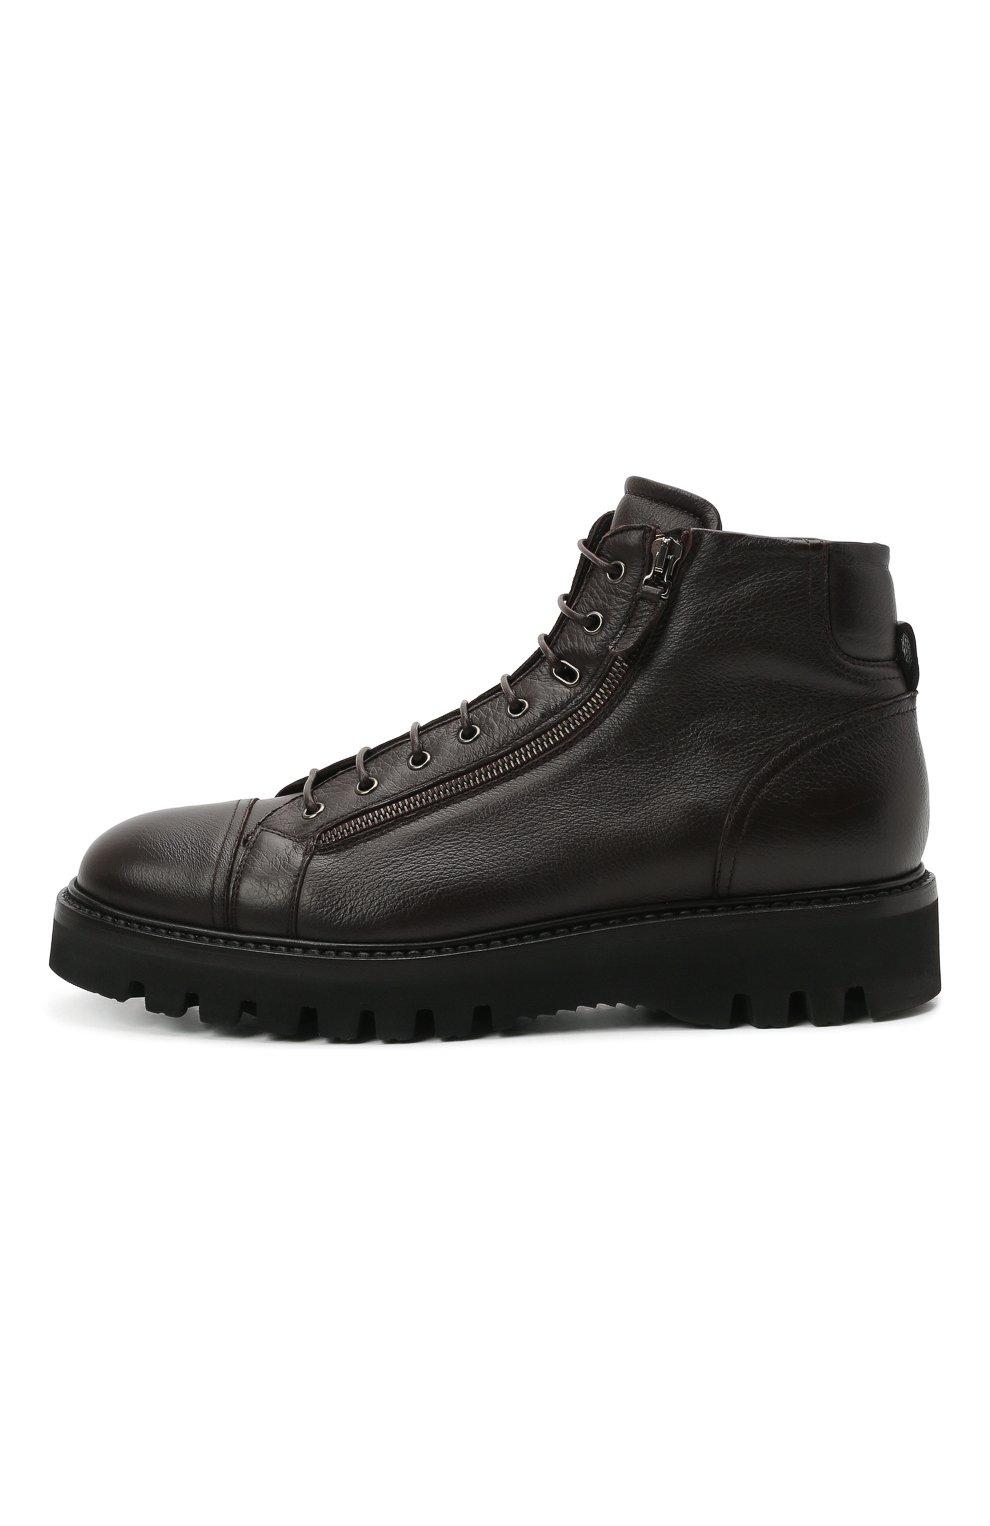 Мужские кожаные ботинки W.GIBBS темно-коричневого цвета, арт. 0672001/1541   Фото 3 (Мужское Кросс-КТ: Ботинки-обувь; Материал внутренний: Текстиль; Подошва: Массивная)